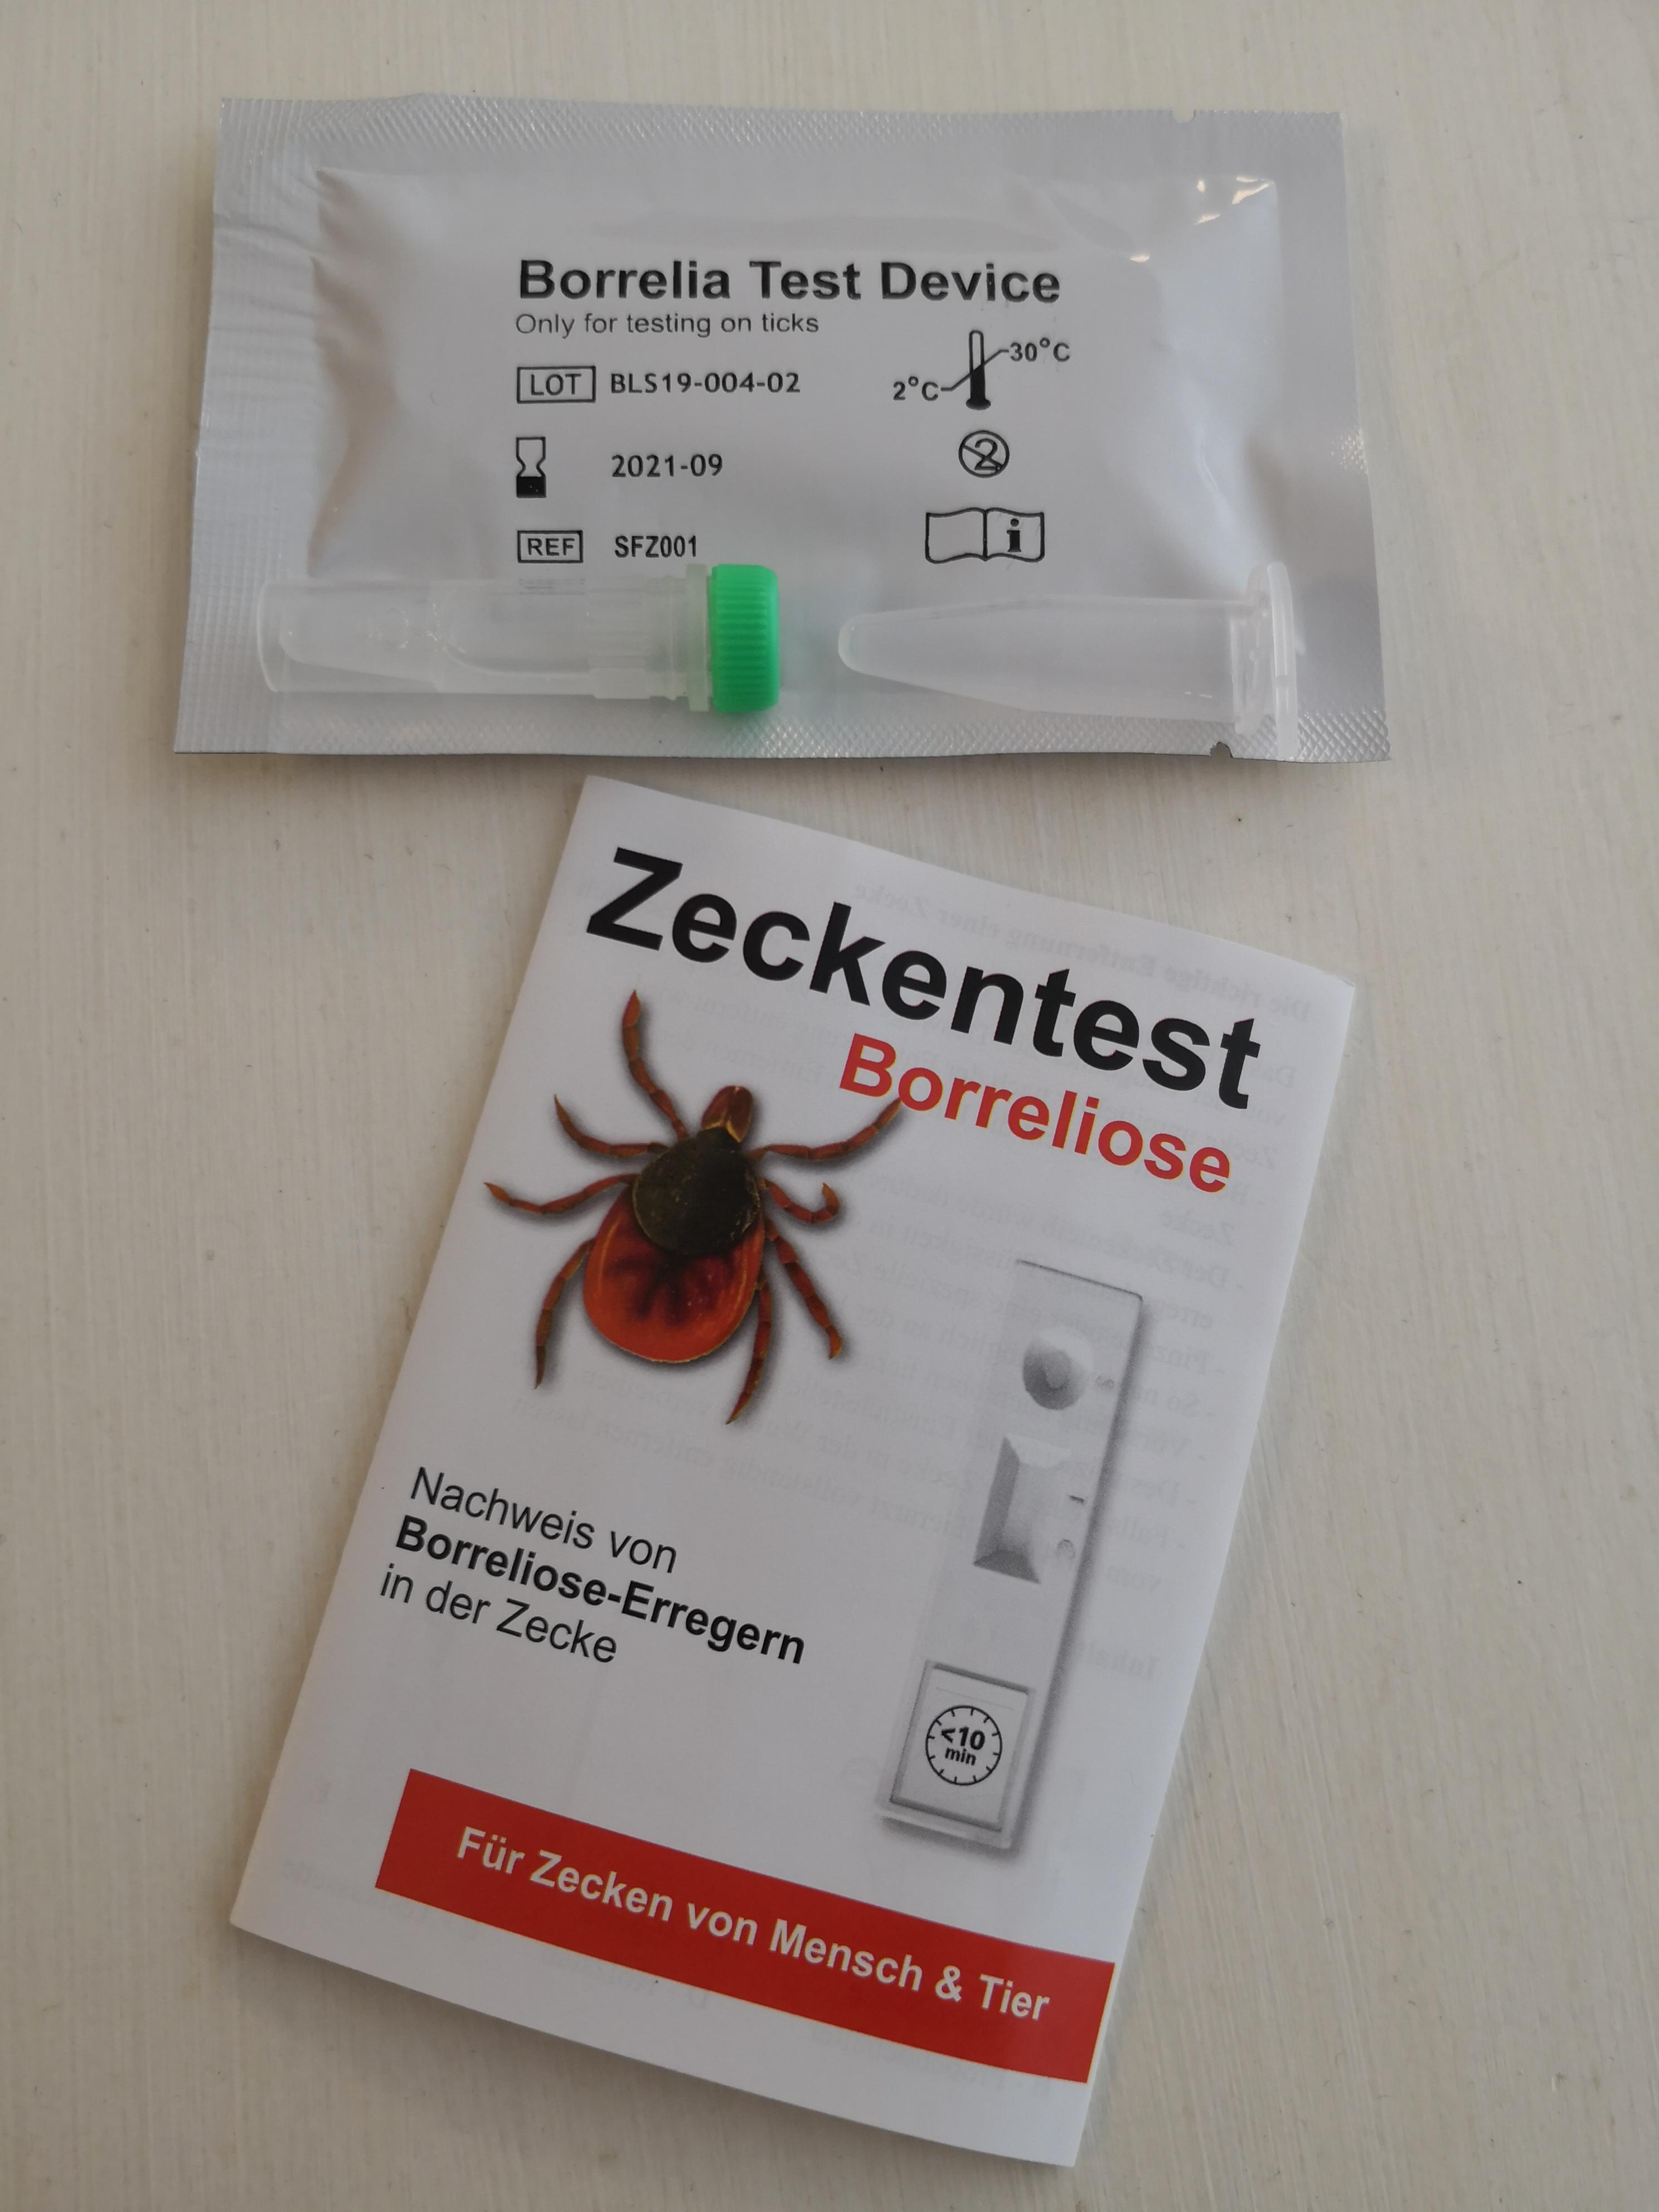 Bavarian Lifescience Zecken Borreliose Test